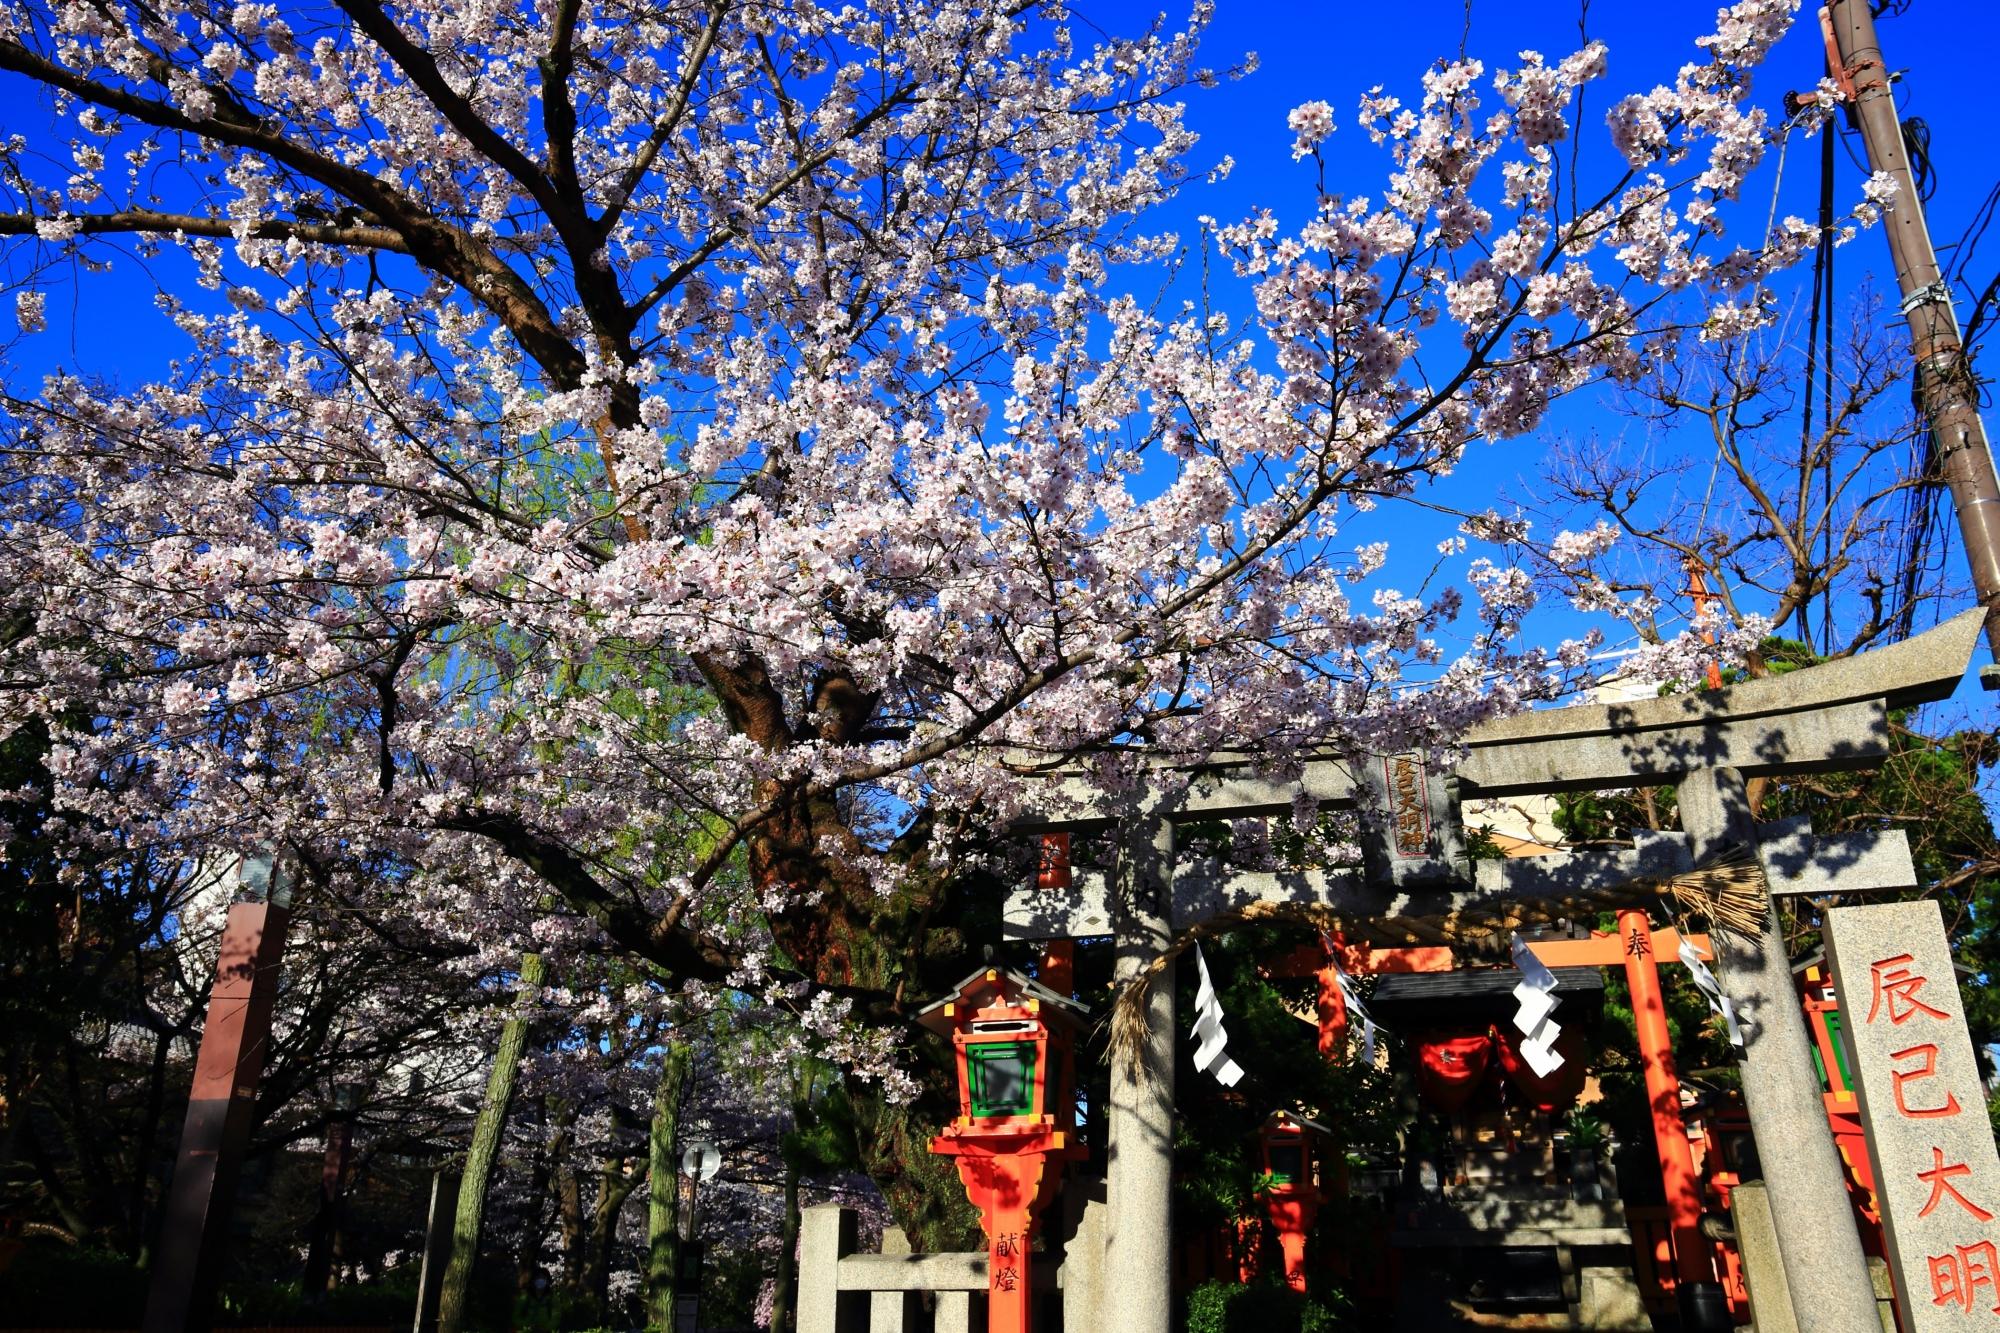 青空と辰巳大明神を彩る煌びやかな桜